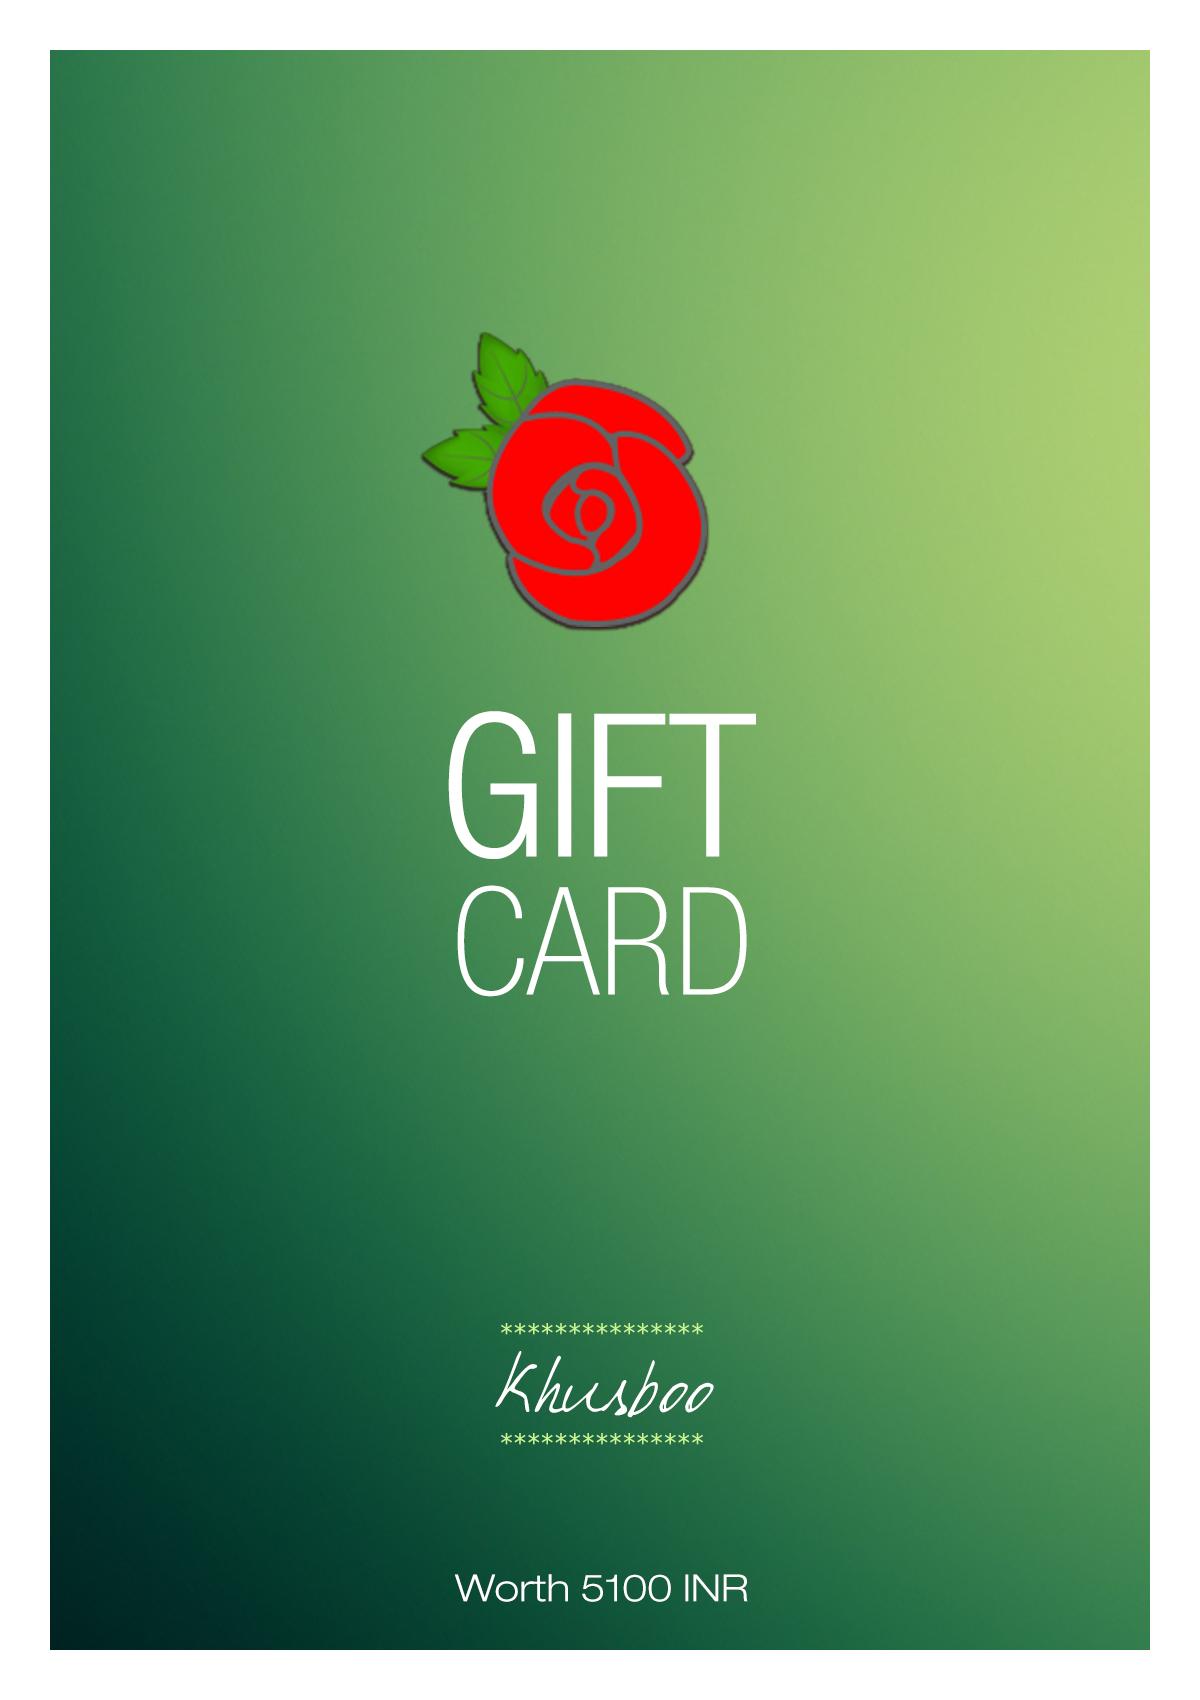 Khusboo Gift Card